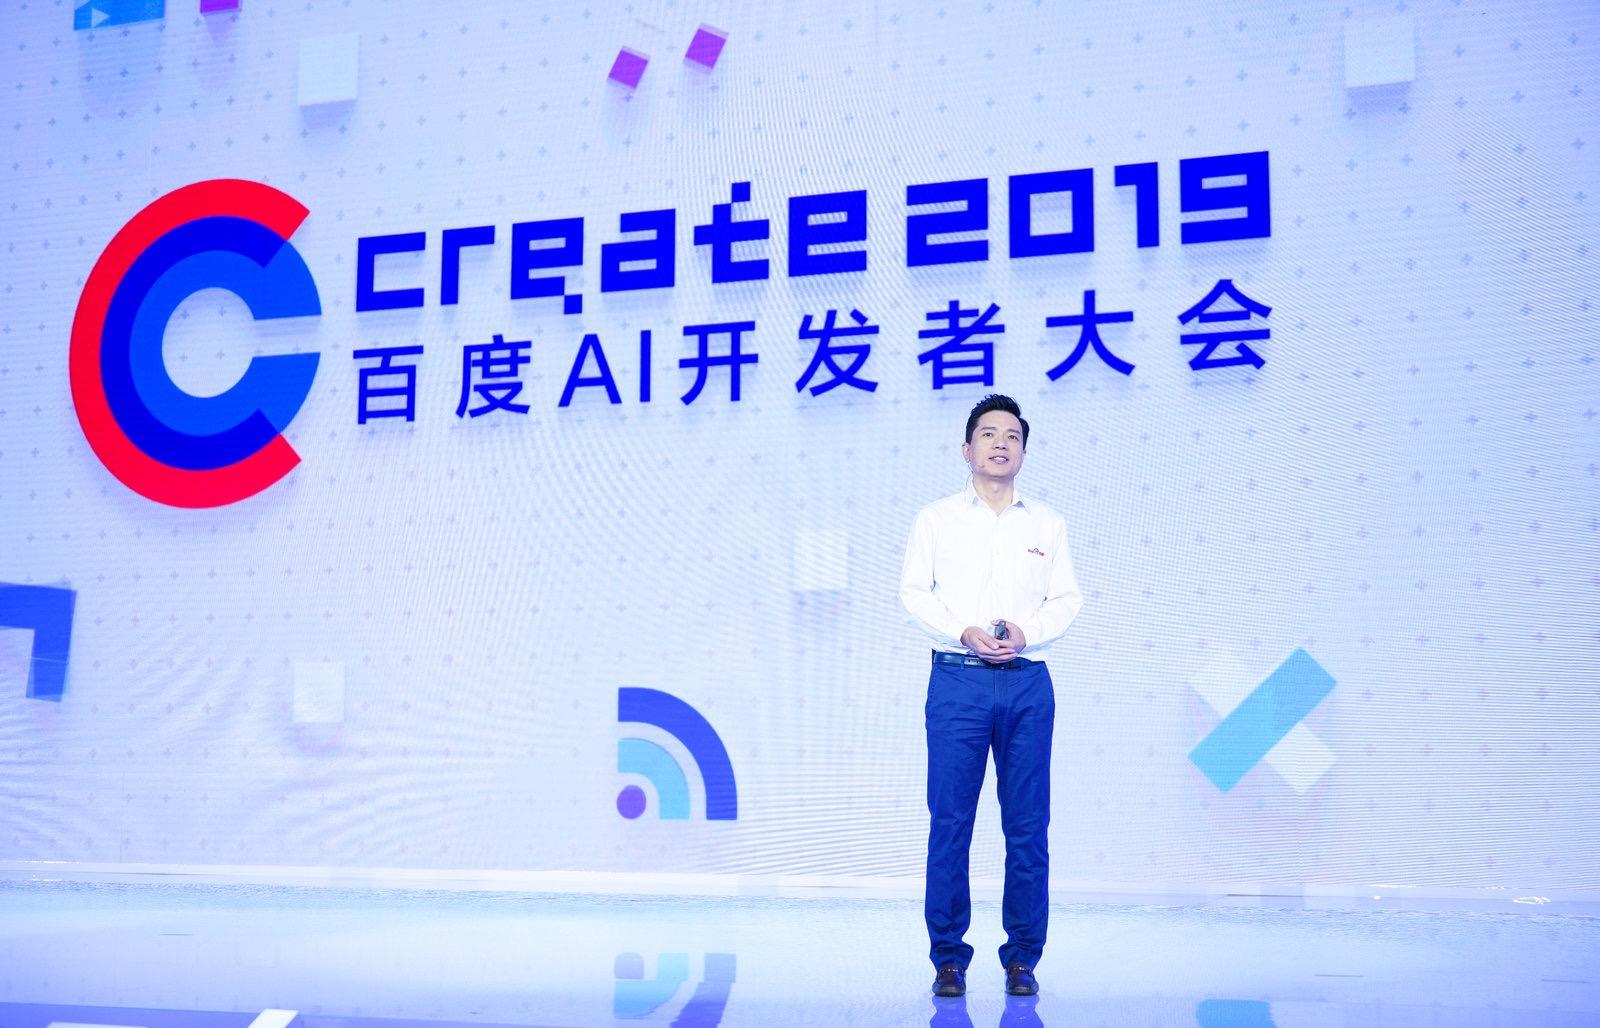 李彦宏介绍百度自主泊车解决方案最新进展